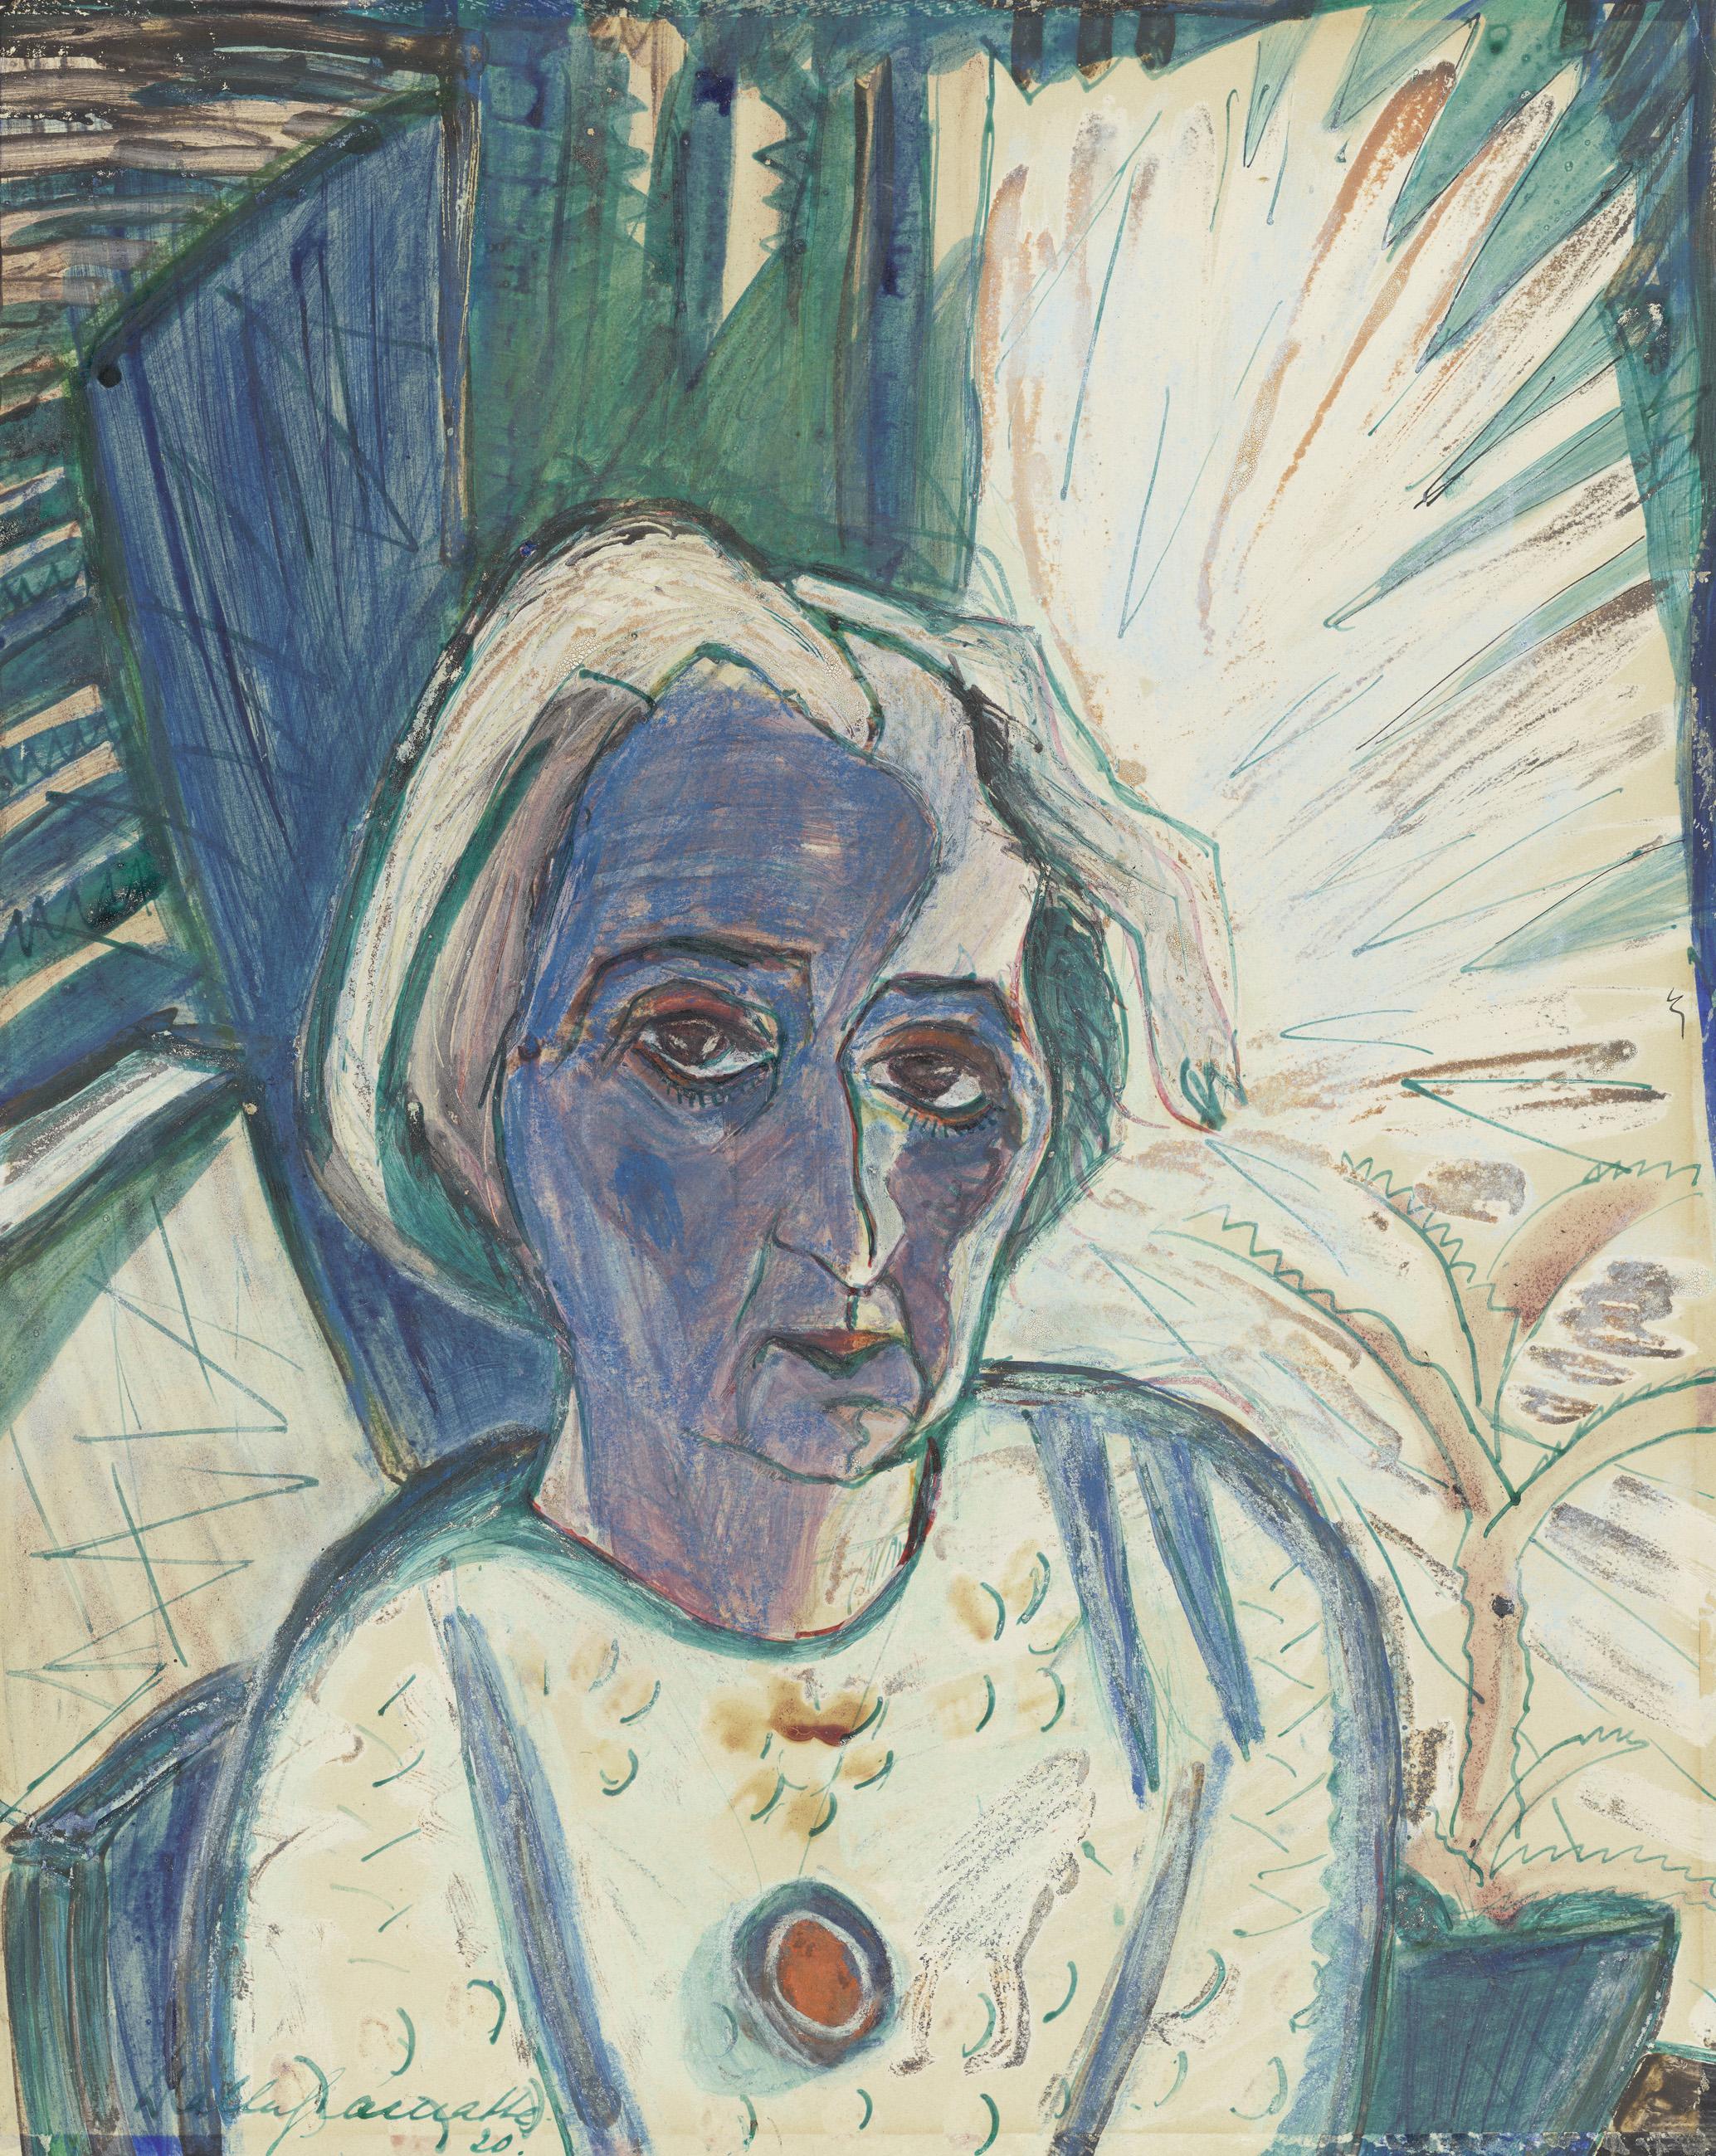 Walter Gramatte: Bildnis Rosa Schapire (1874-1954), 1920, Gouache, Aquarell, Buntstift, auf perforiertem, chamoisfarbigem Zeichenpapier, 454 x 368 mm